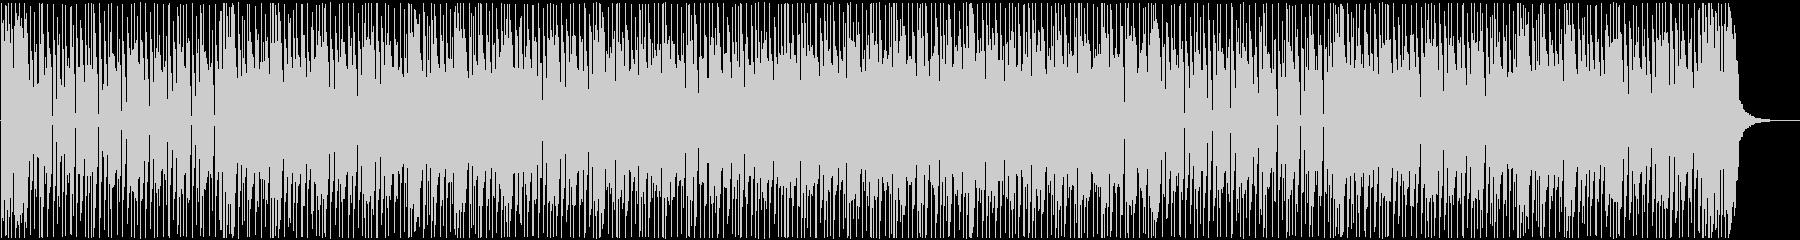 シンプルでタイトなリズムのファンクの未再生の波形